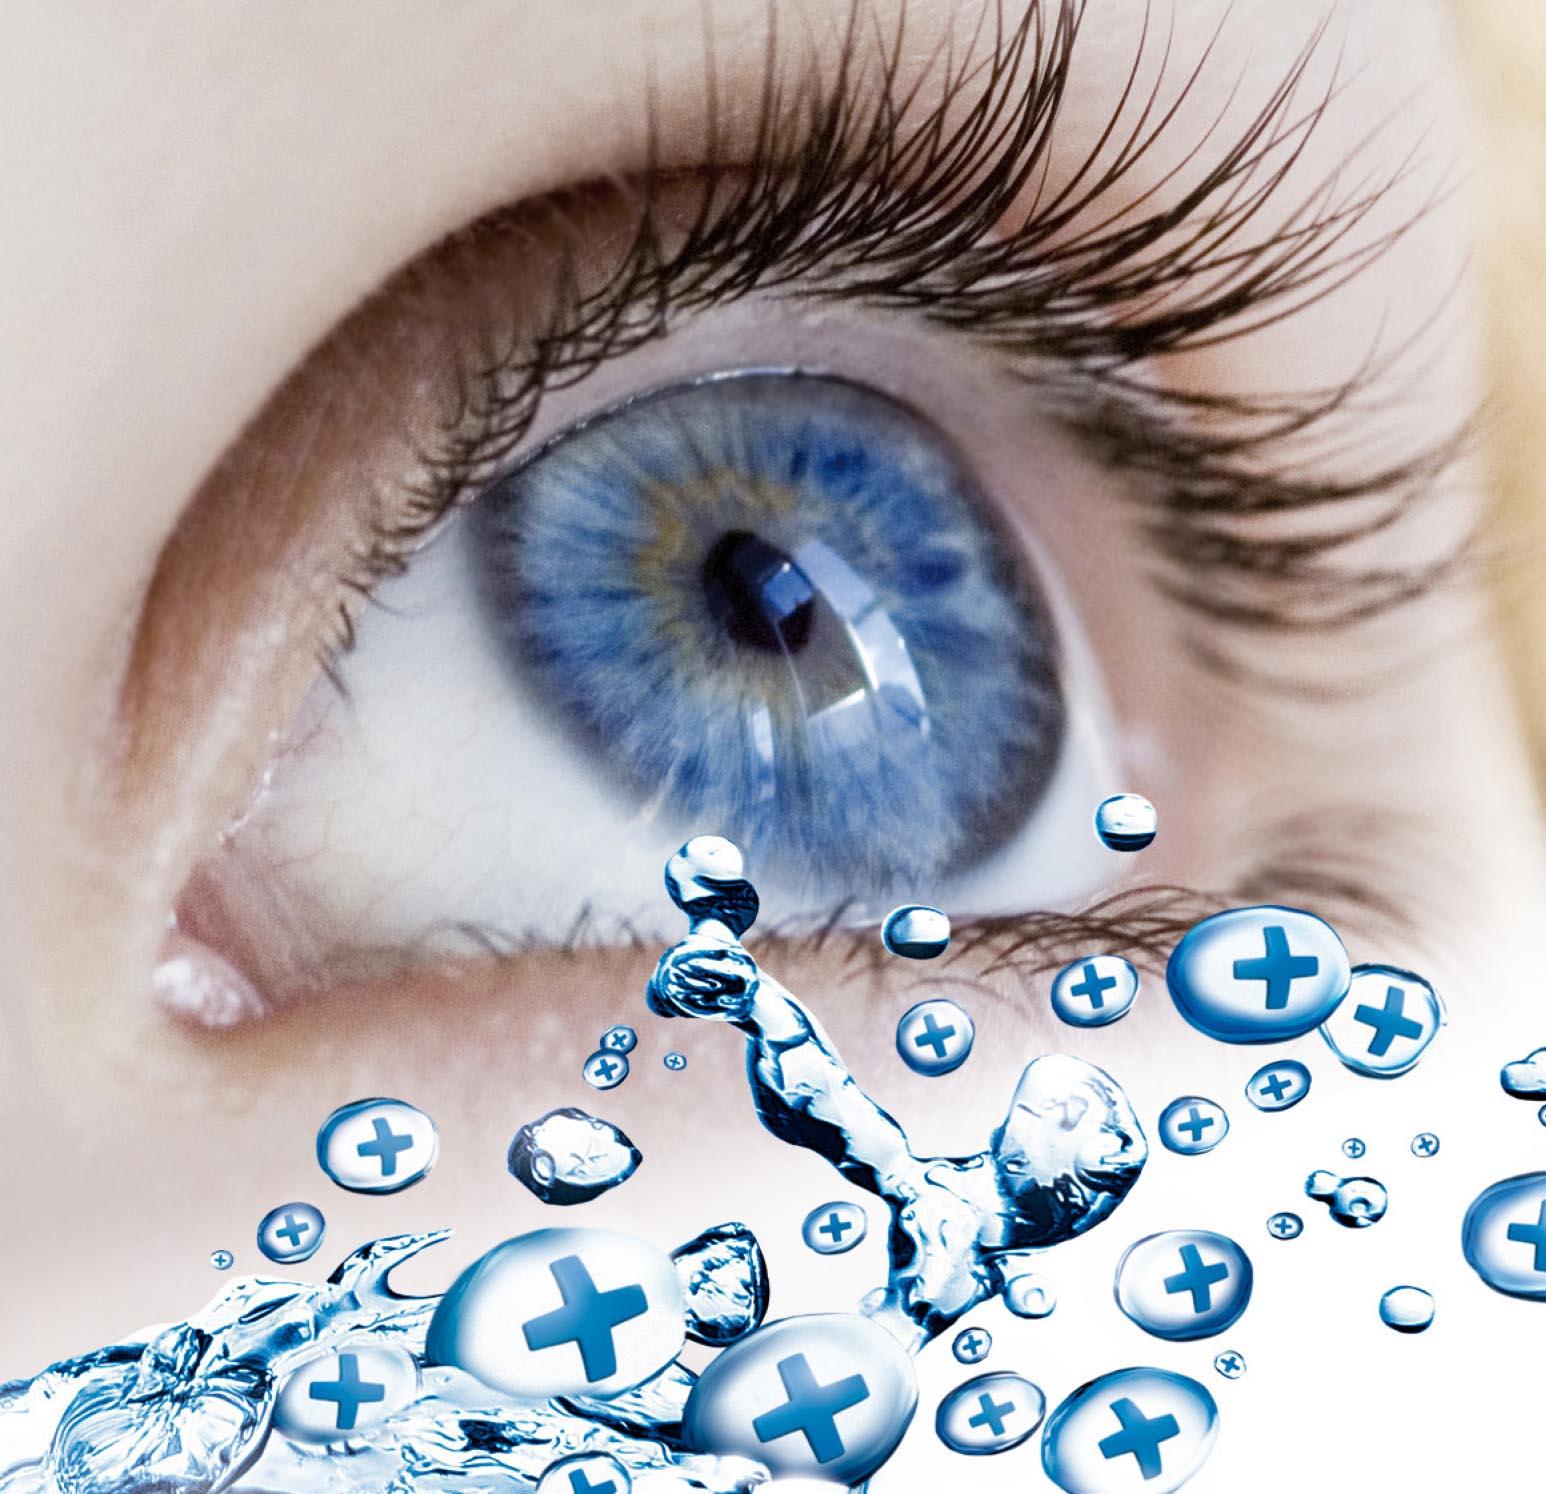 Augenoberfläche mit CATIONORM Spritzern.jpg